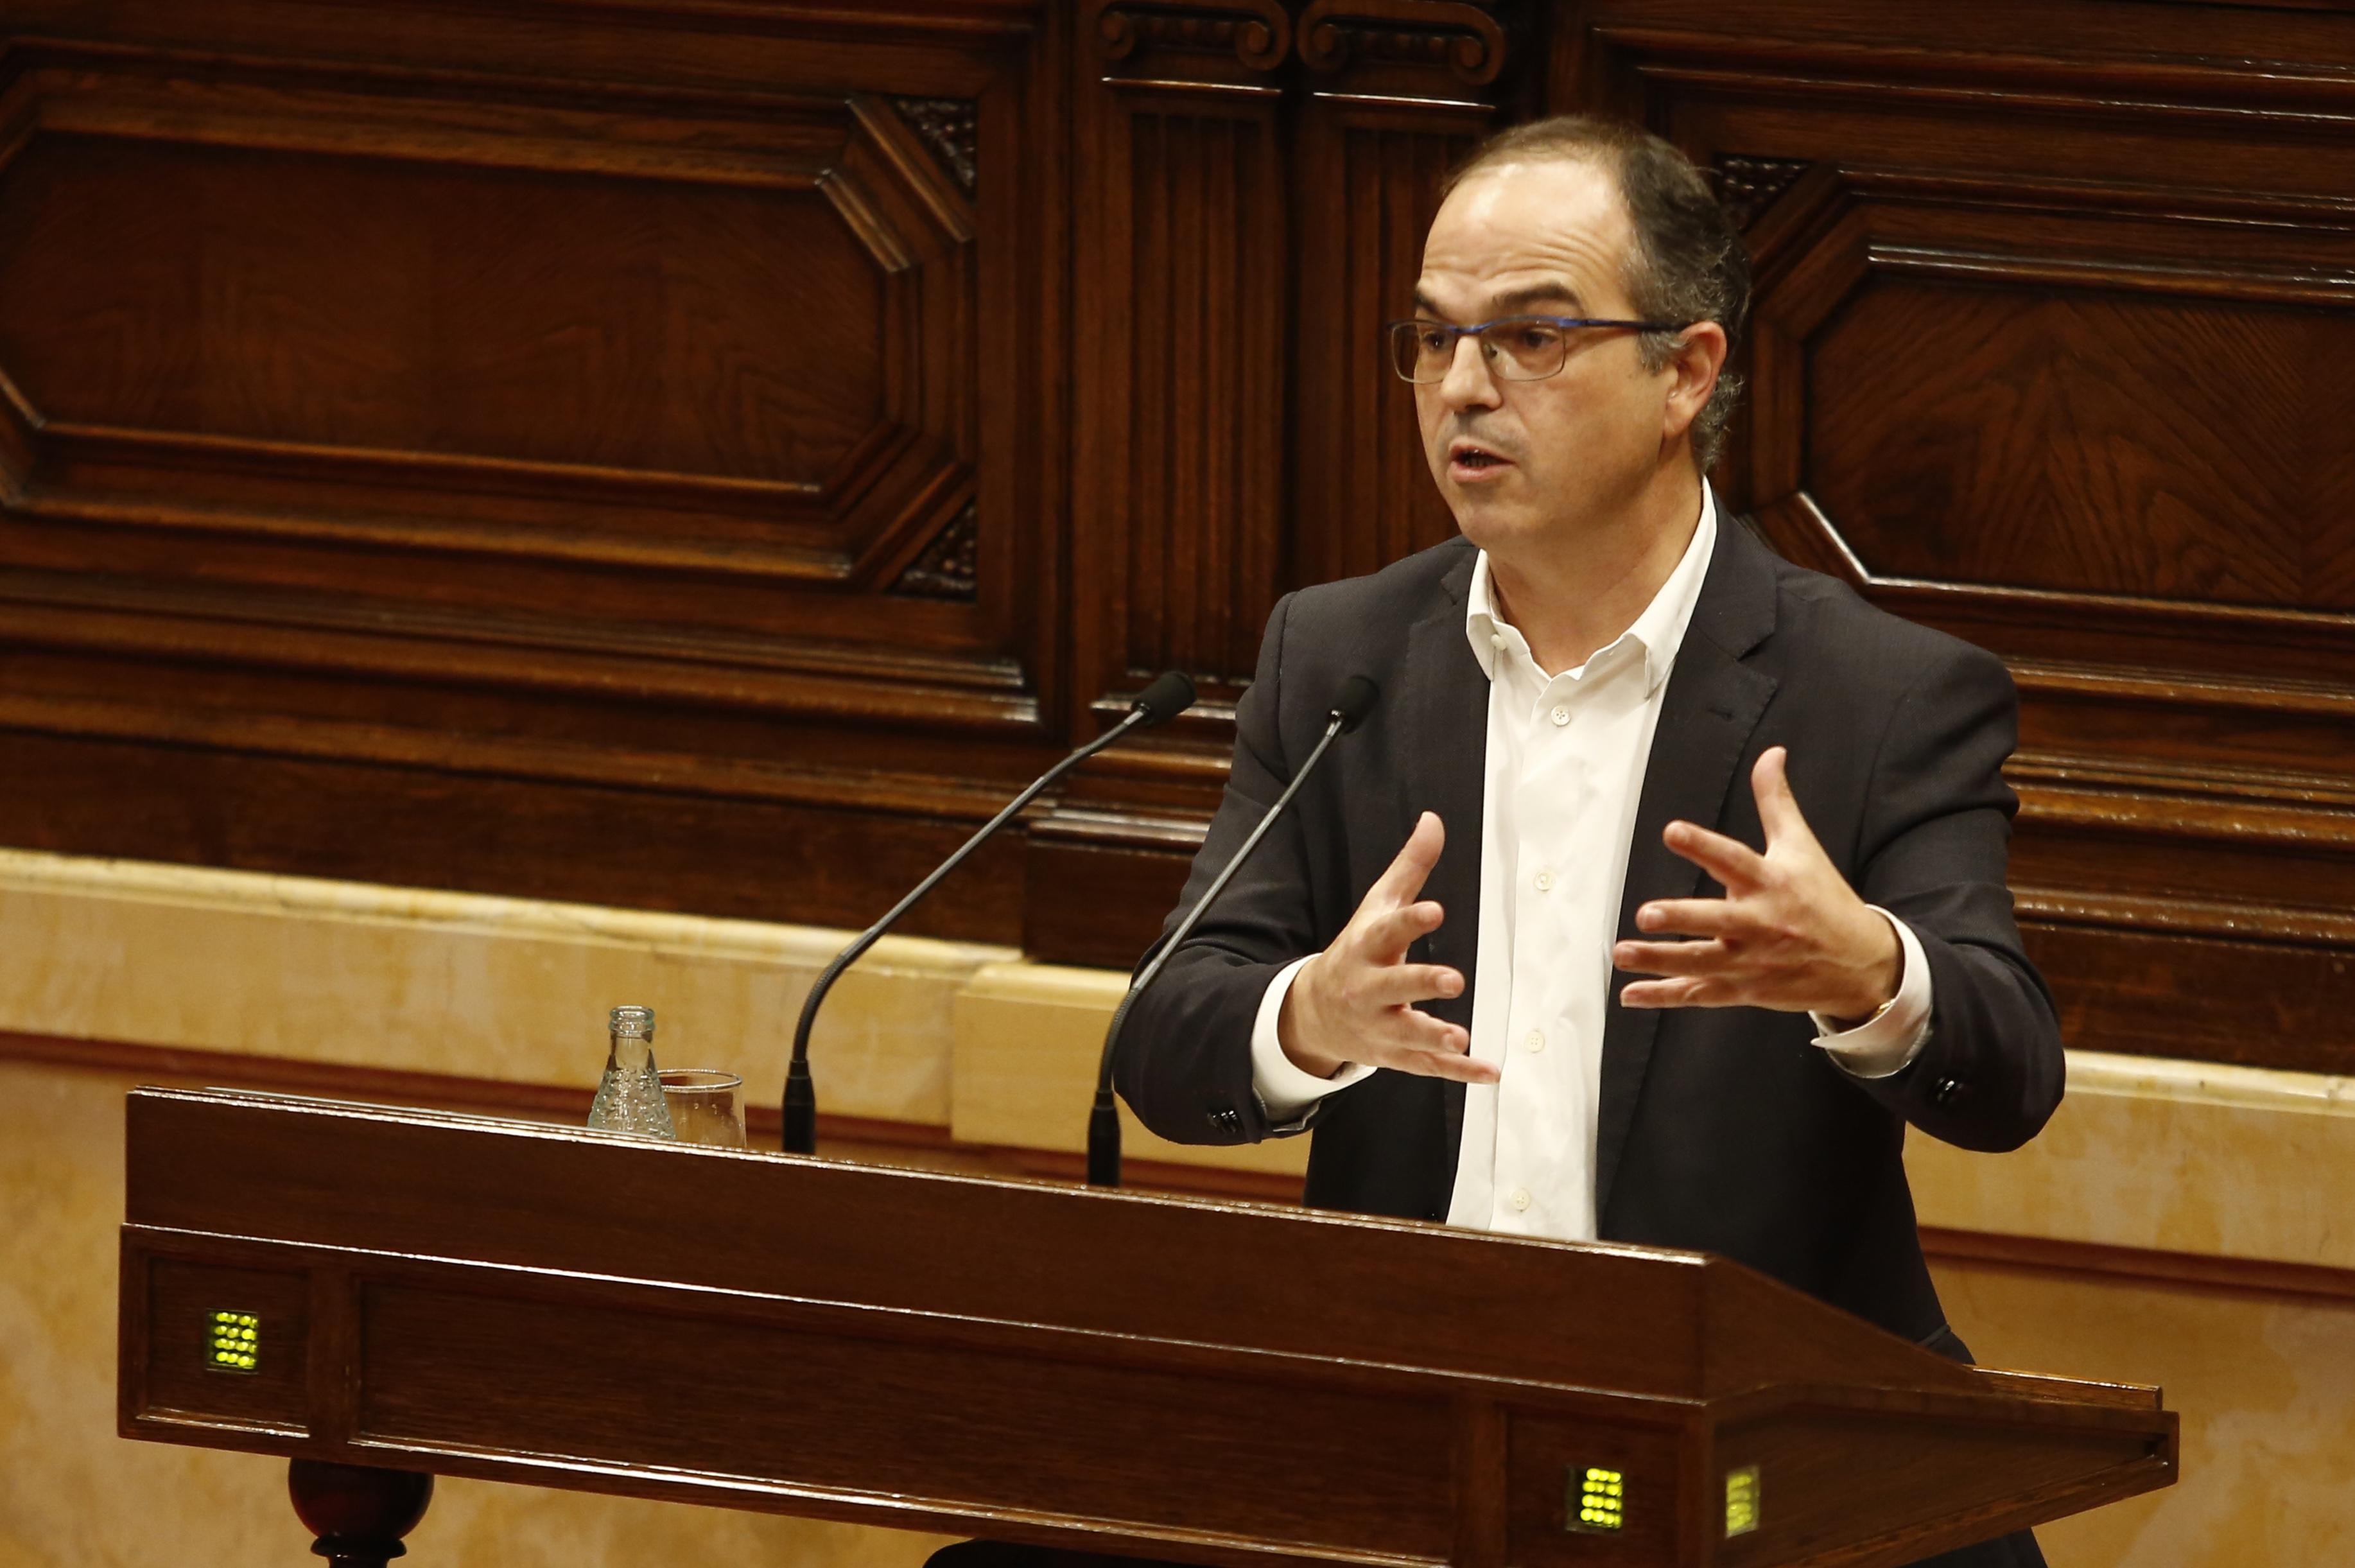 Bronca al Parlament després de comparar Turull la fiscalia i el TC amb el 23-F